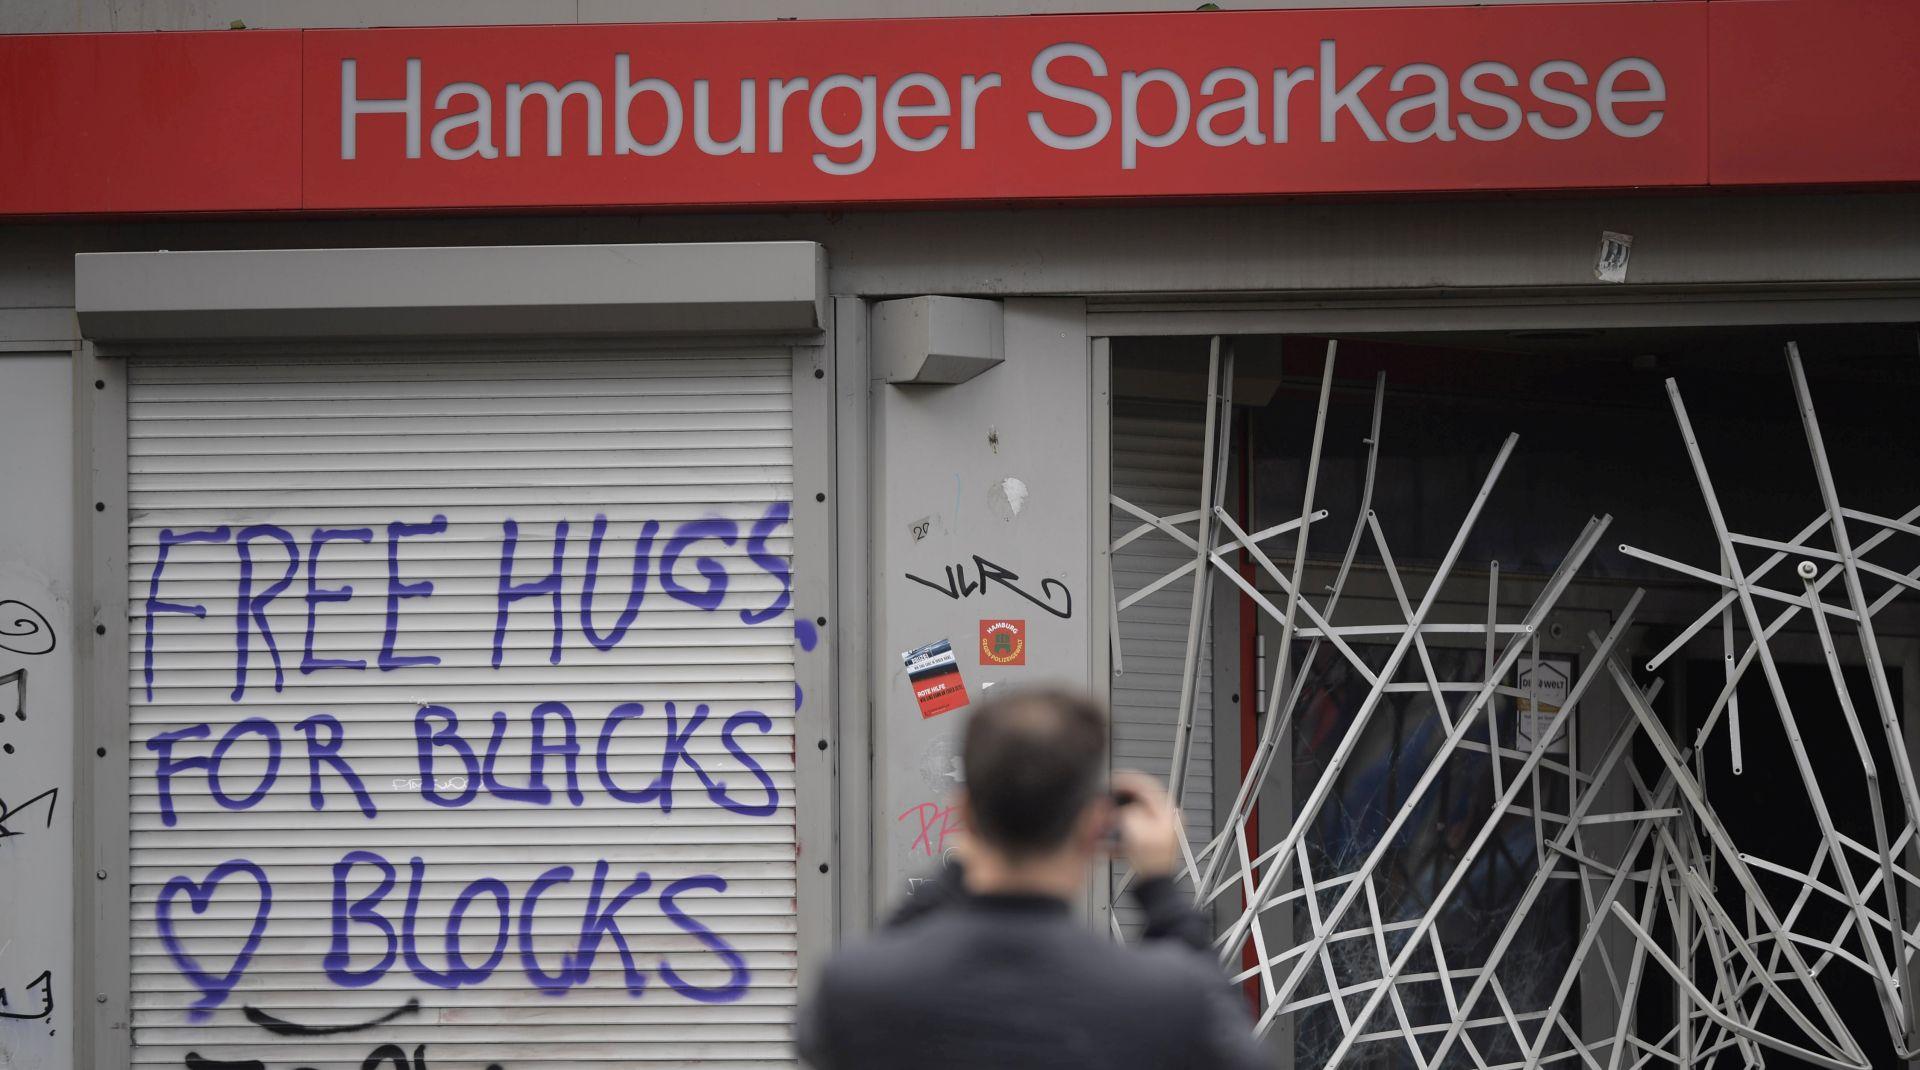 Crni blok nije jedinstvena prosvjedna skupina, to je nasilna grupa aktivista